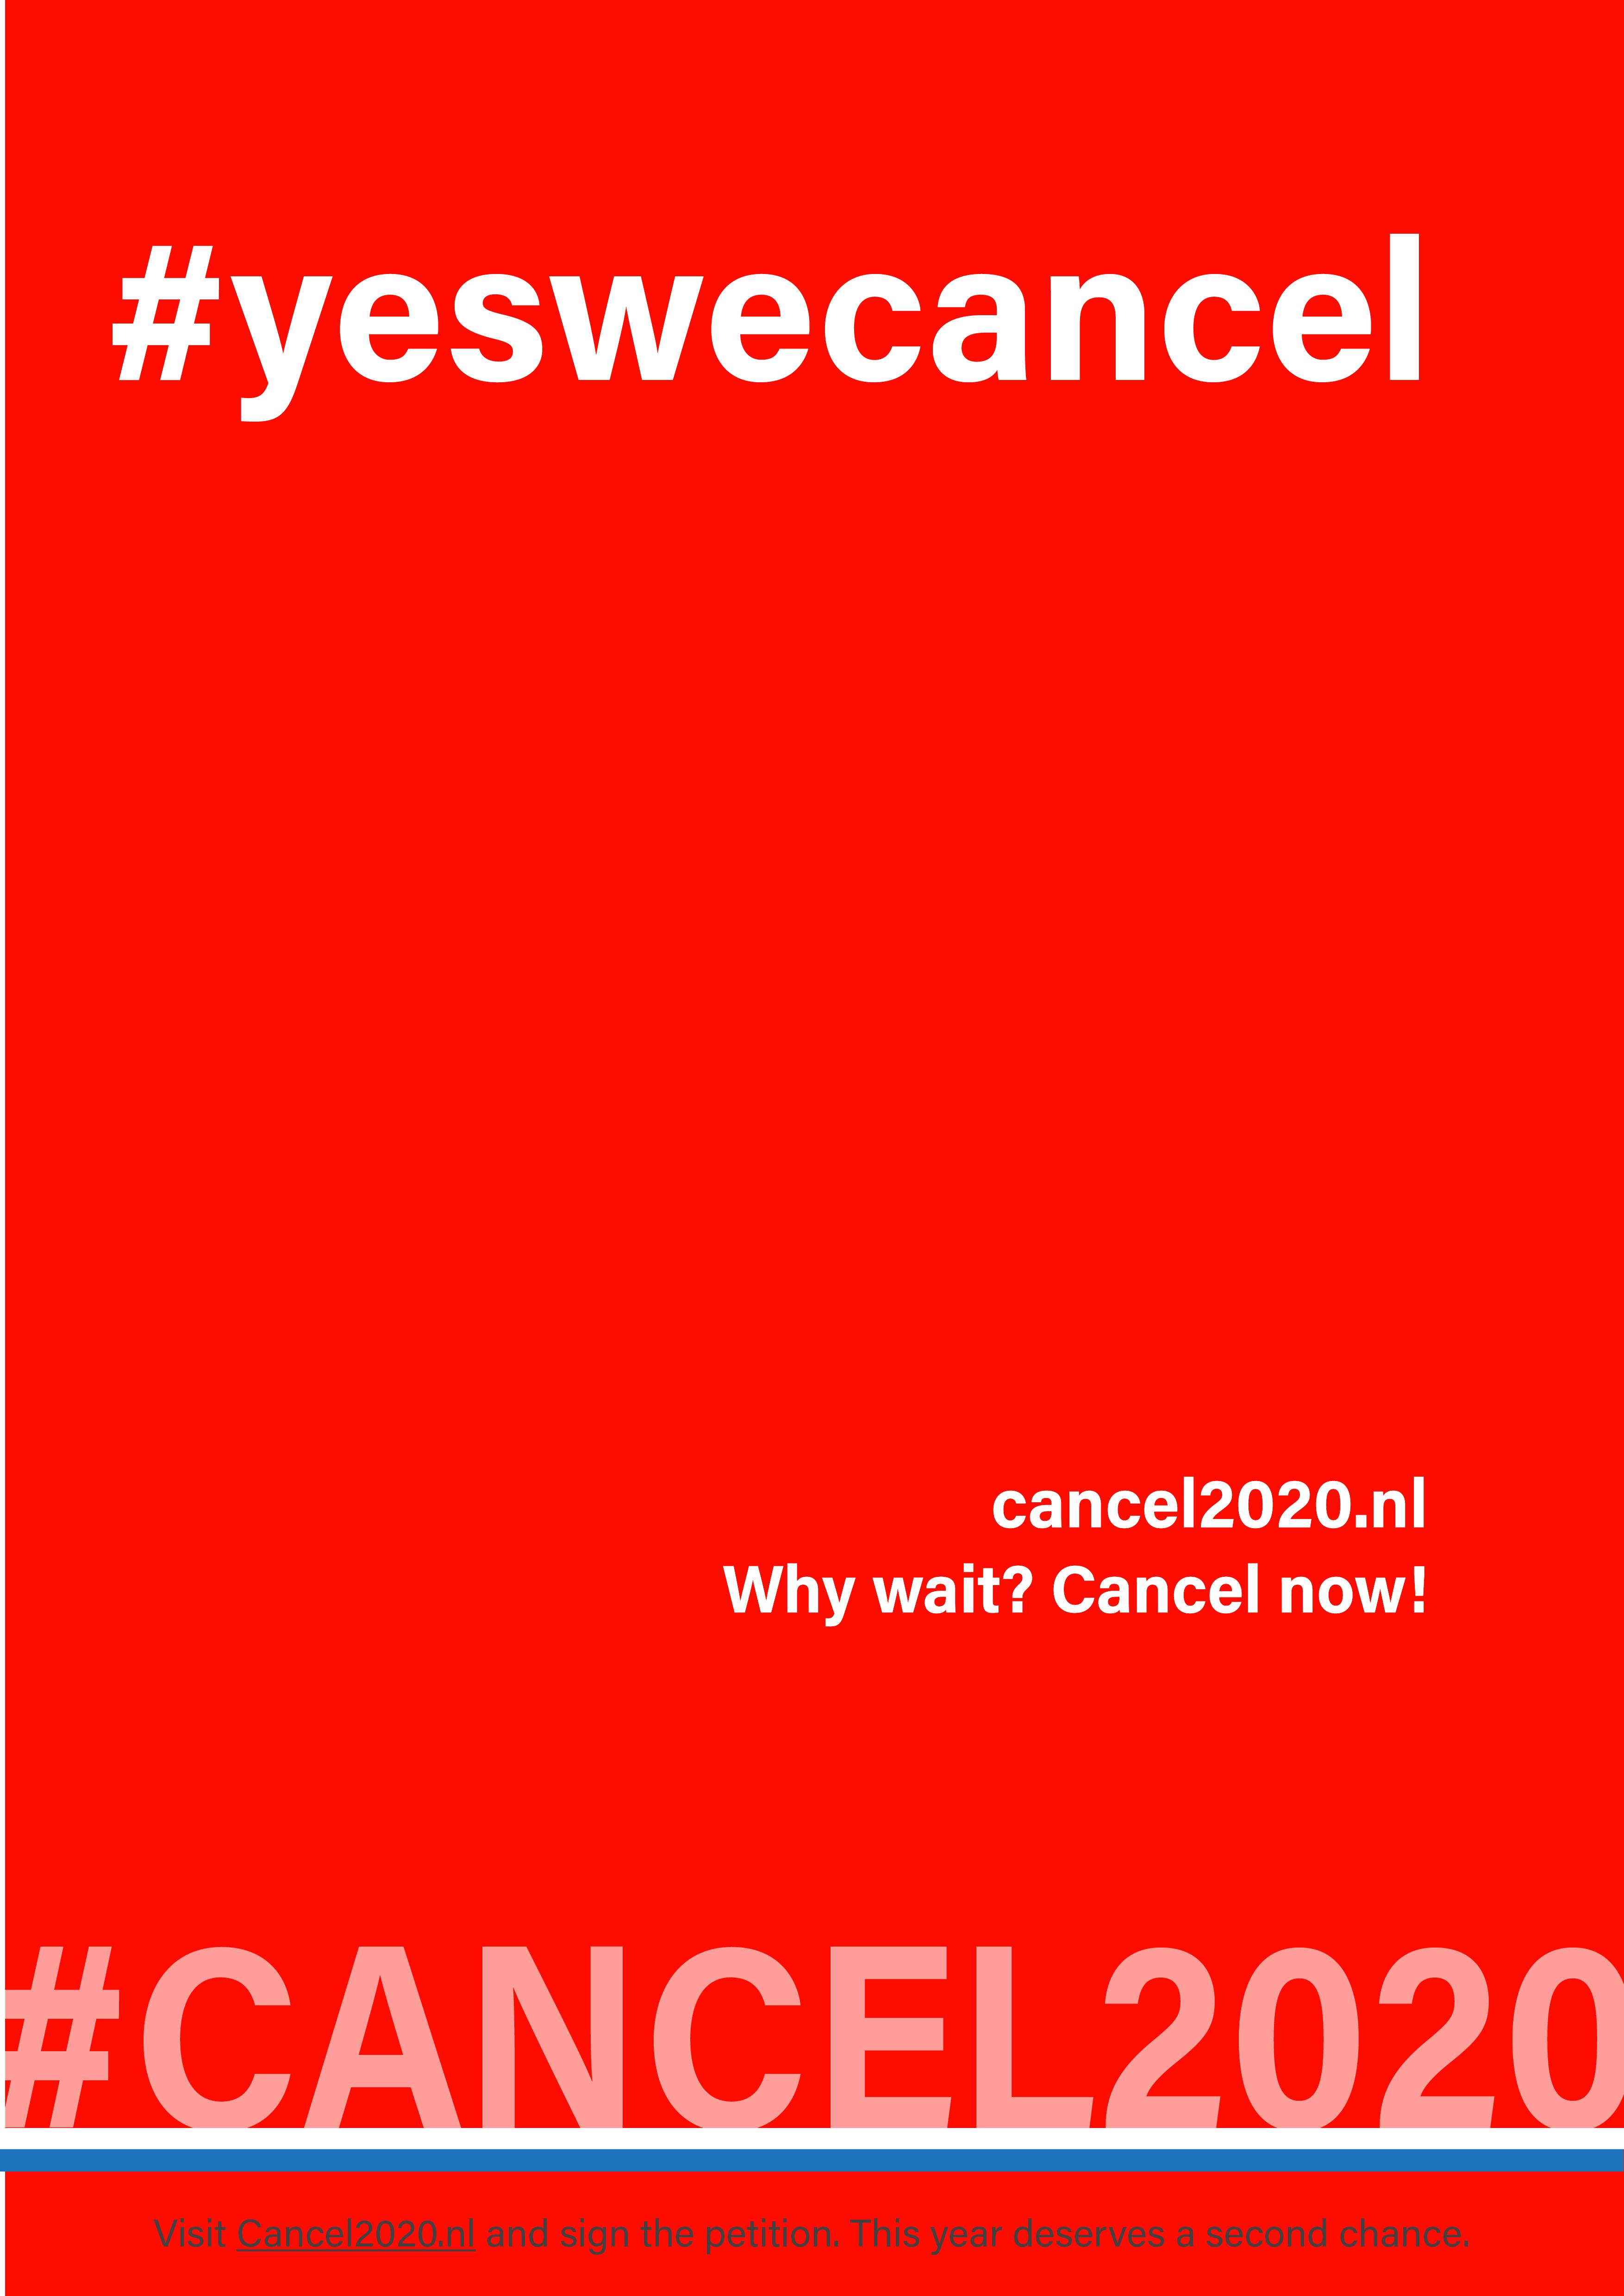 Cancel 2020 quotes-08